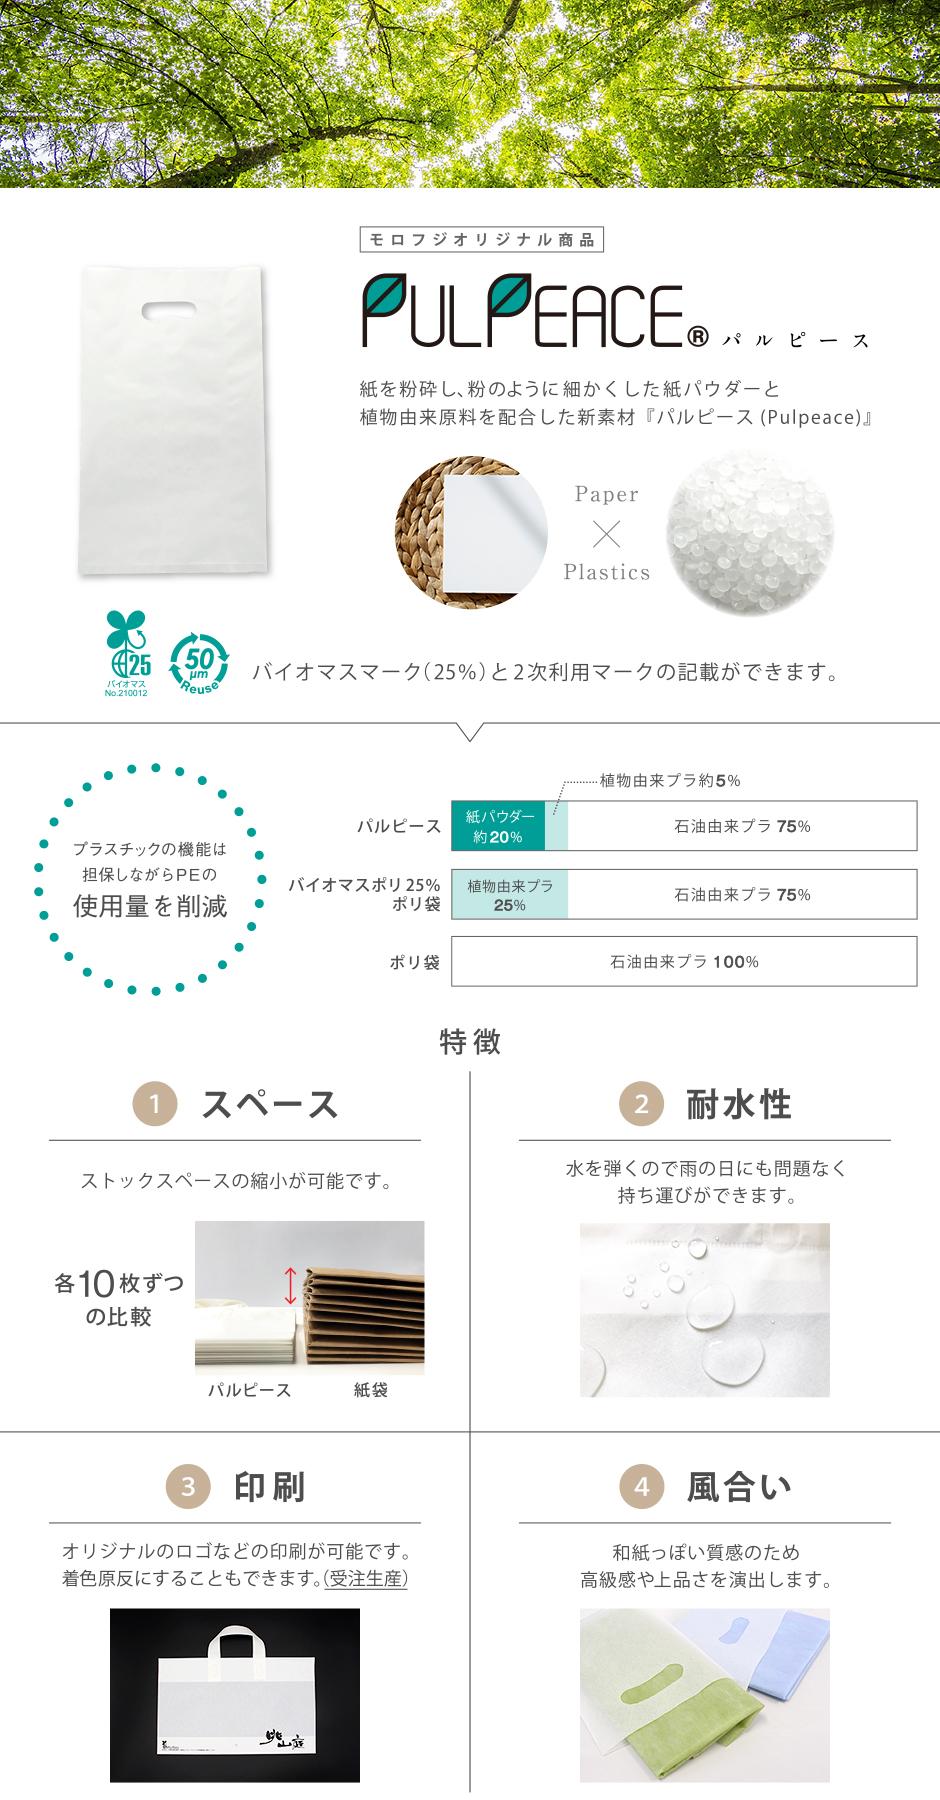 株式会社モロフジのオリジナル商品パルピースの紹介